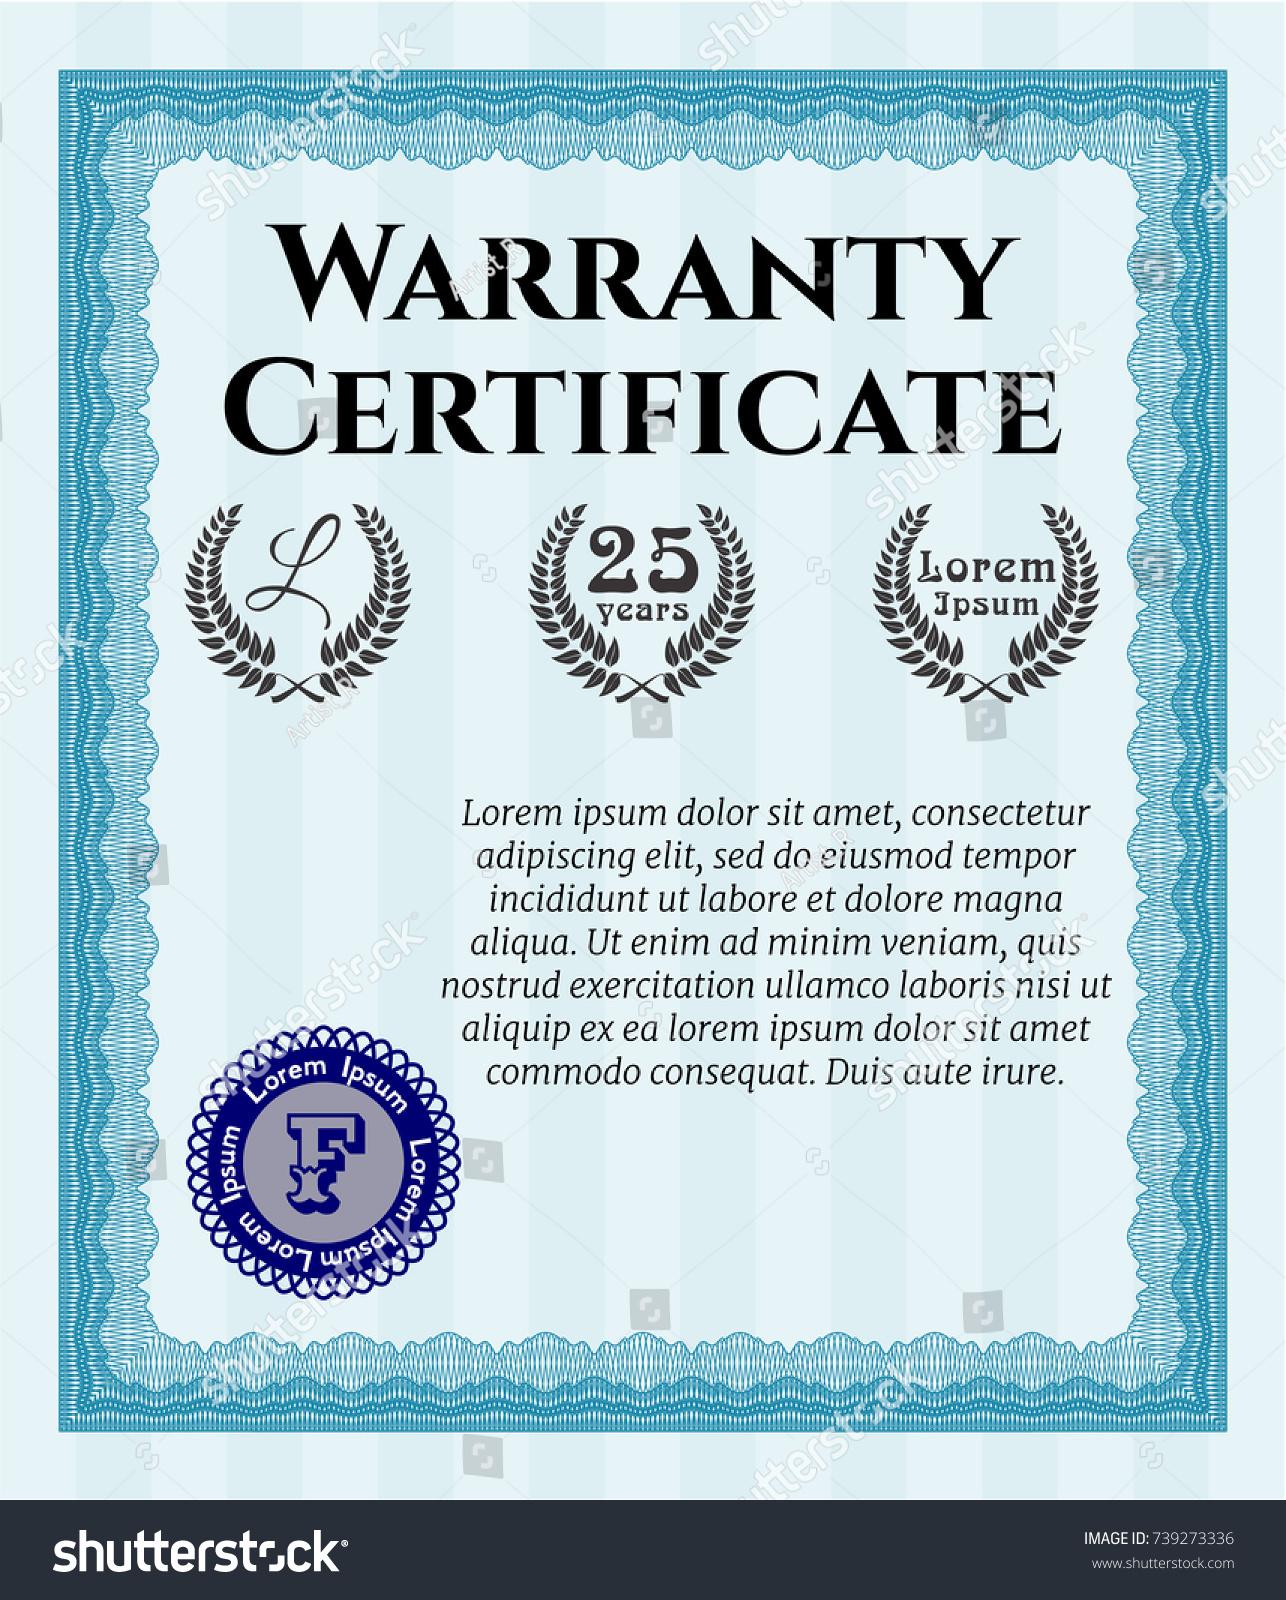 id 739273336 - Warranty Certificate Template